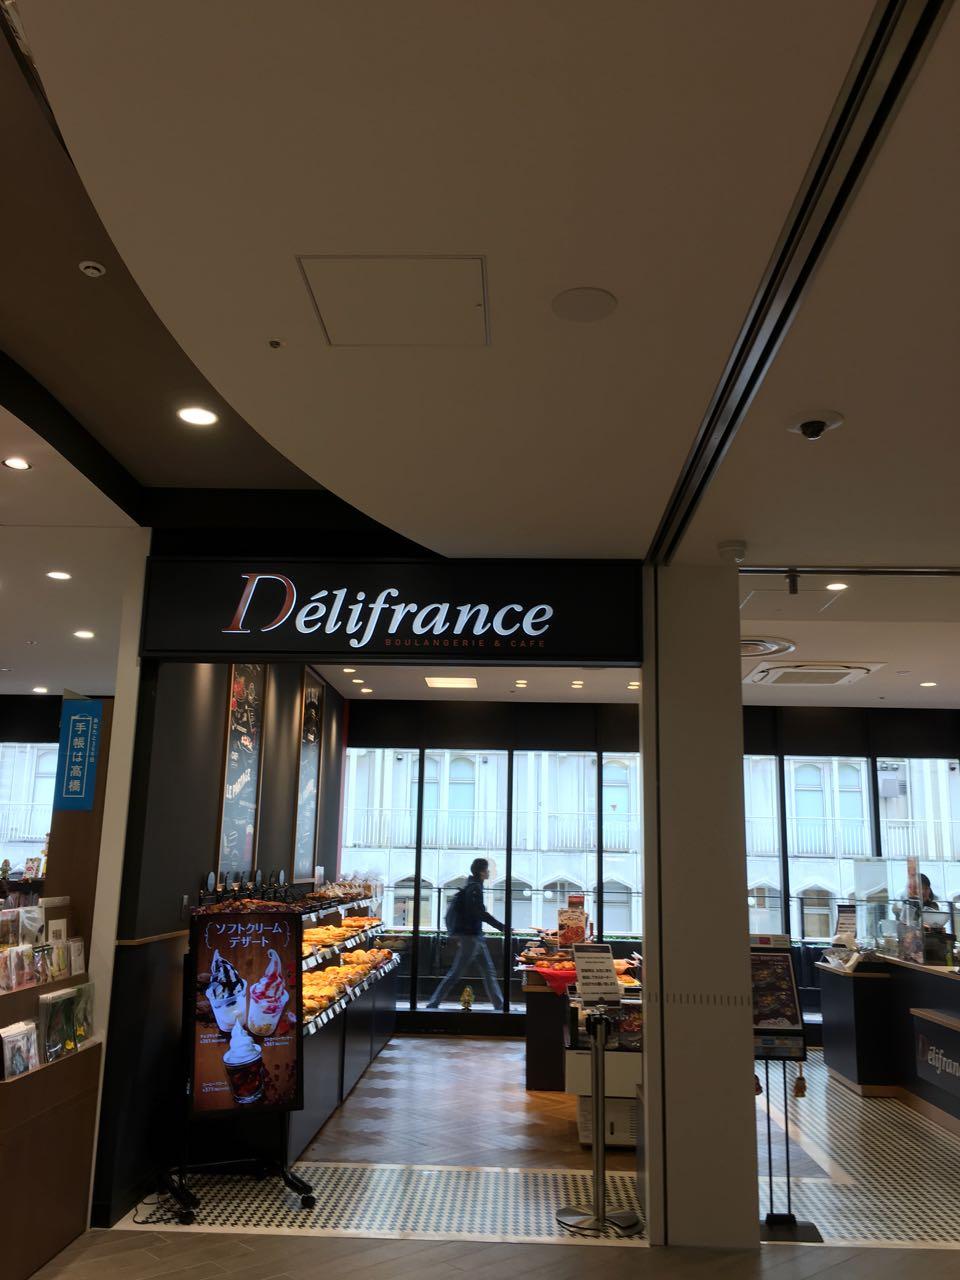 デリフランス 千里中央店(Delifrance)ちょっと休憩に便利!